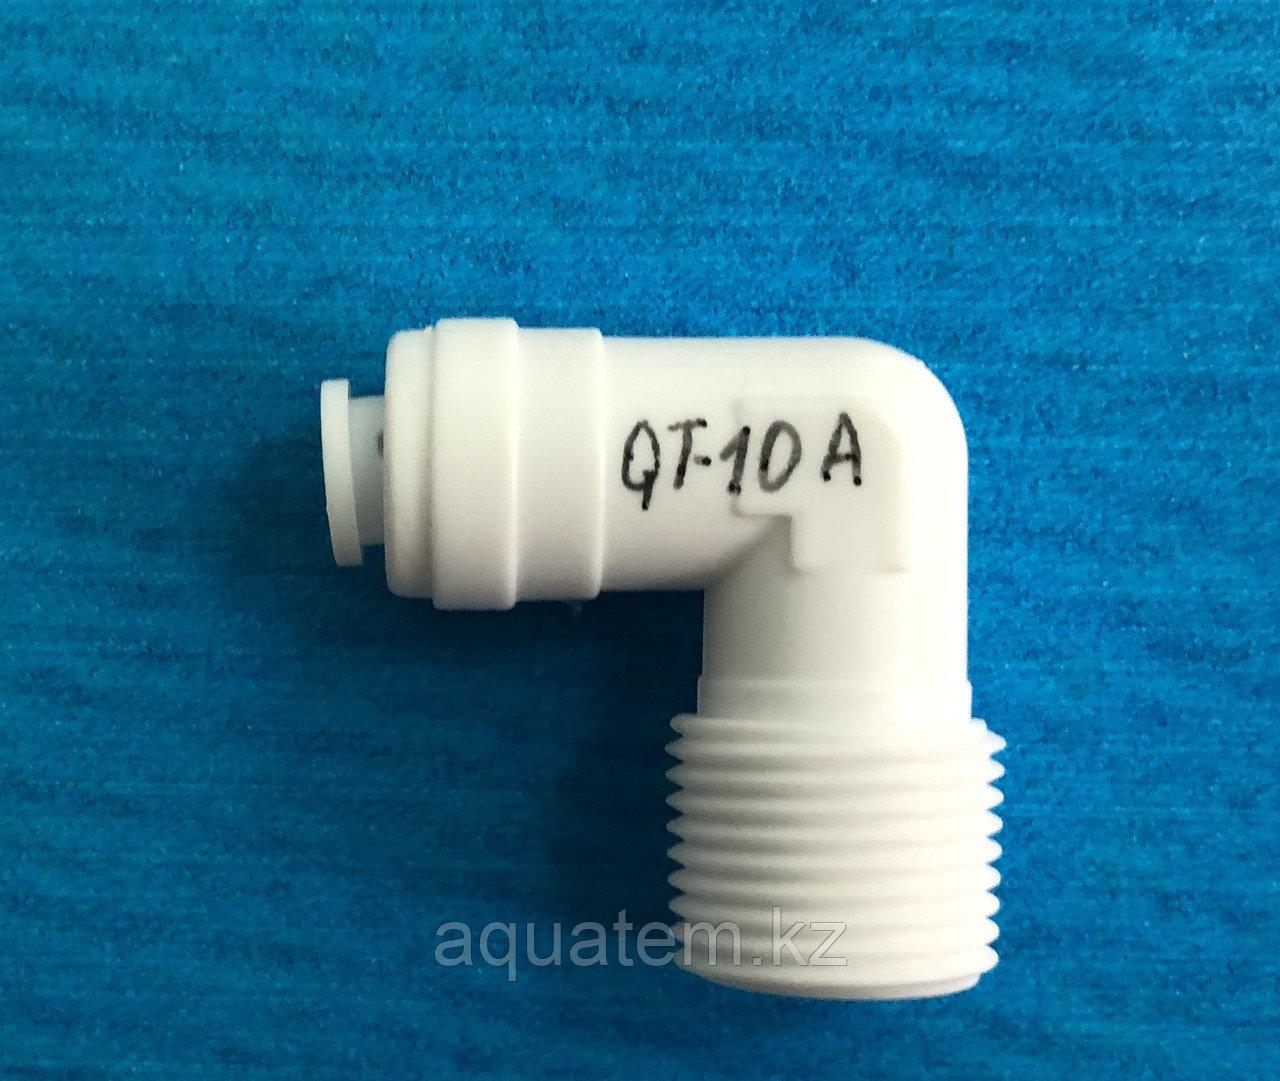 Фитинг QT-10А